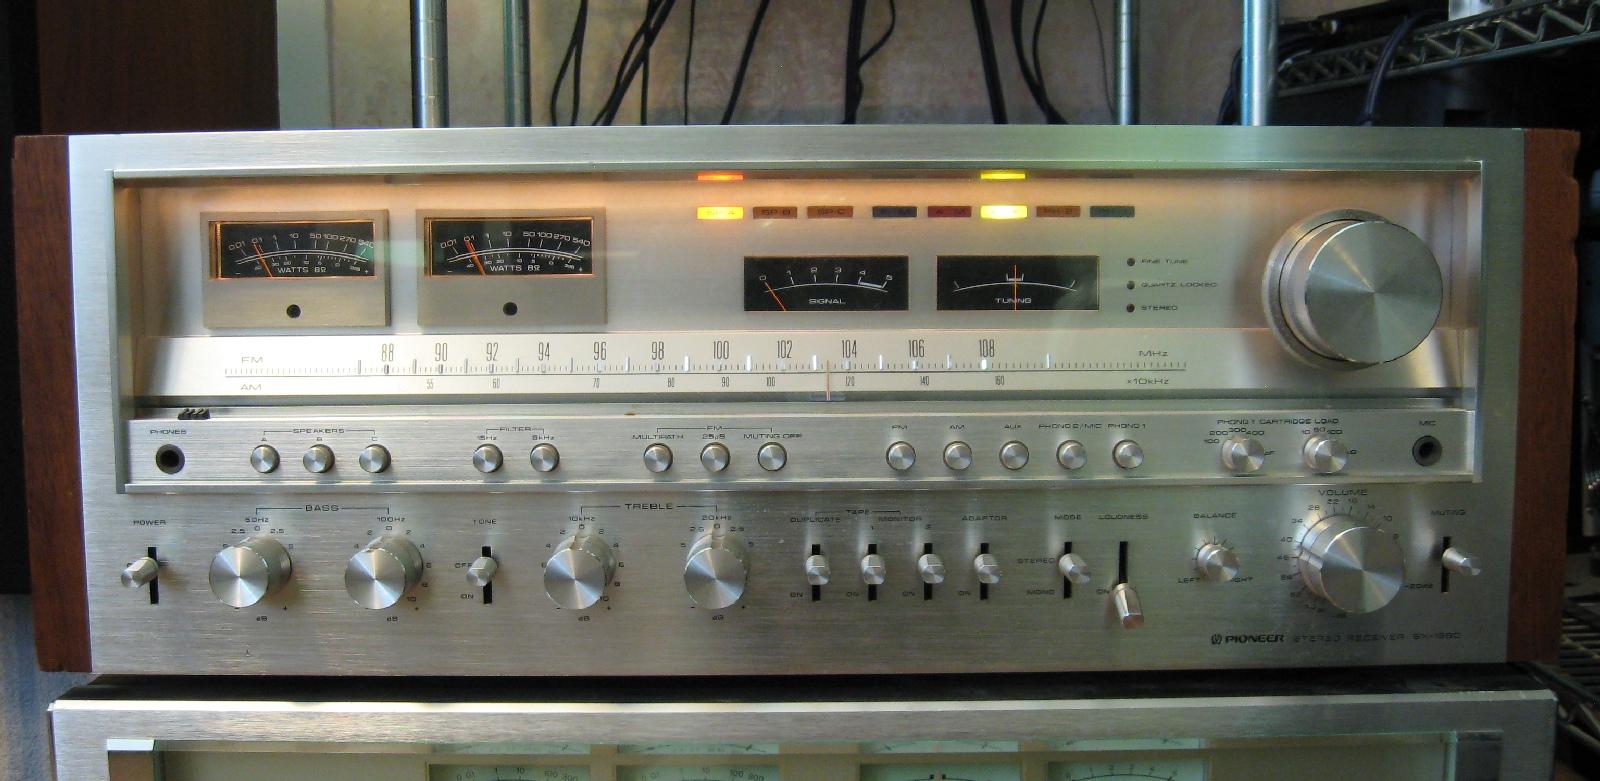 Matt S Vintage Audio Repair Pioneer Sx 1980 Score And